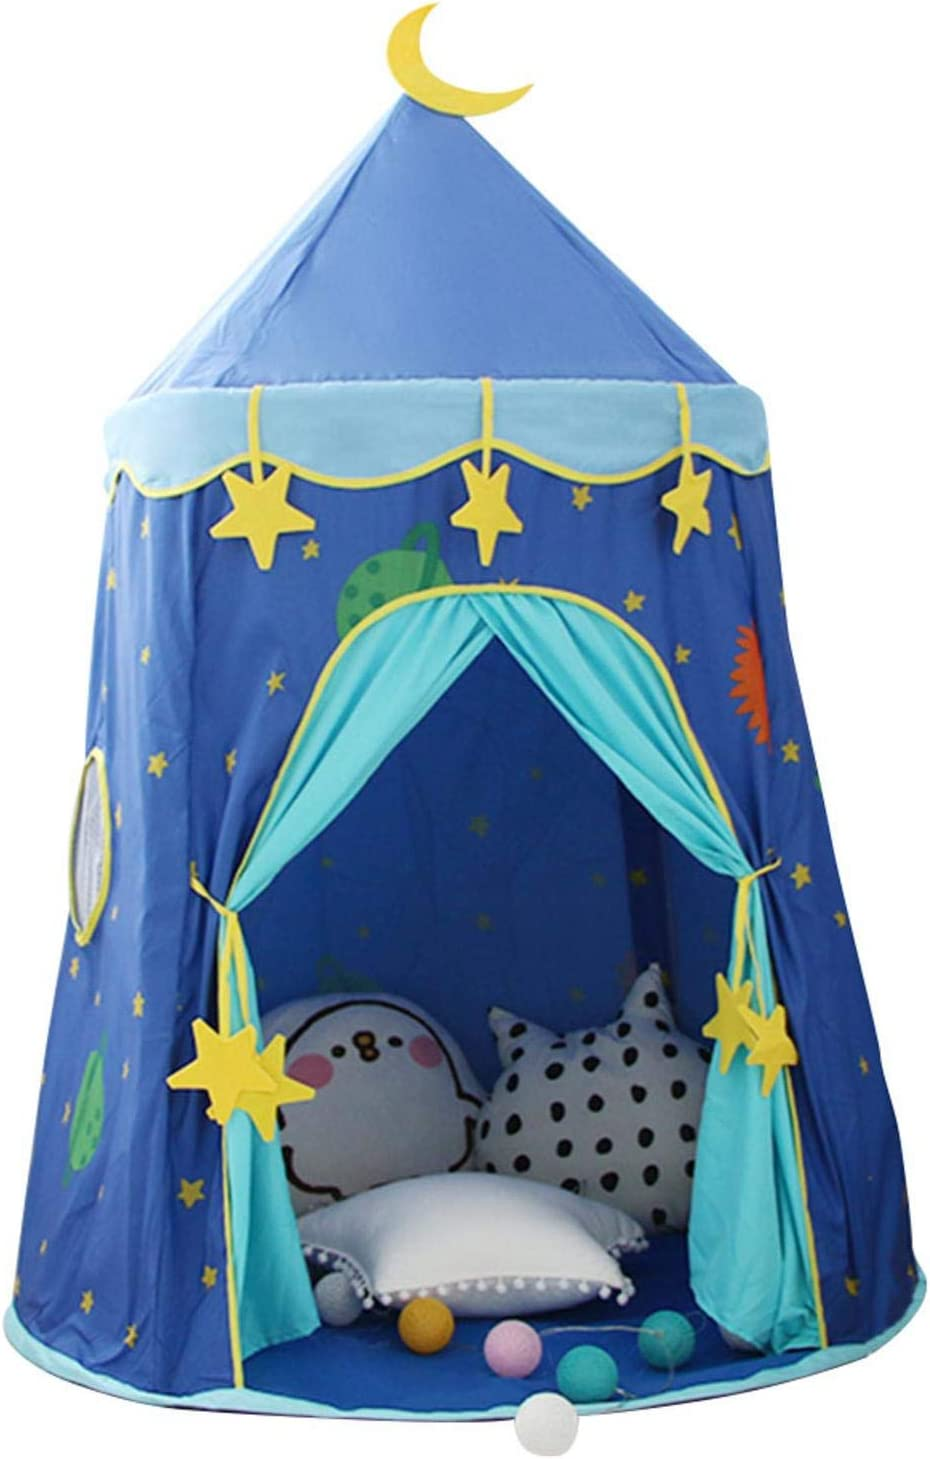 Tenda per bambini Tenda per bambini Tenda per bambini Tenda da gioco Castello Tenda da gioco per interni Tenda da yurta con puntello per giochi da interno